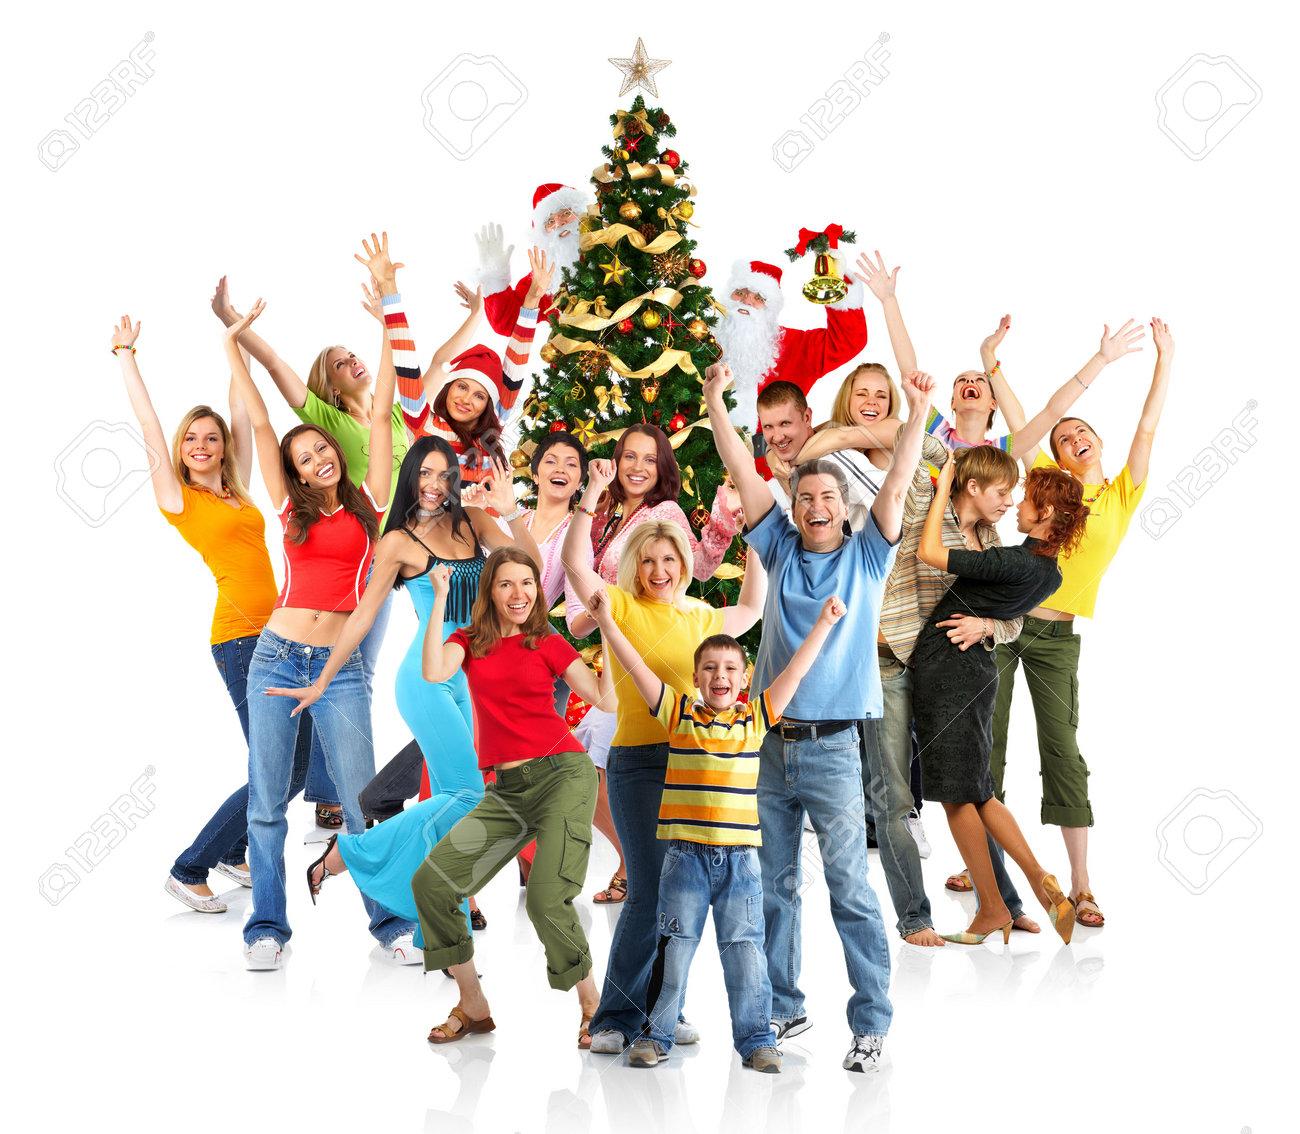 Gente Feliz En Navidad.Gente Feliz Santa Y Arbol De Navidad Mas De Fondo Blanco